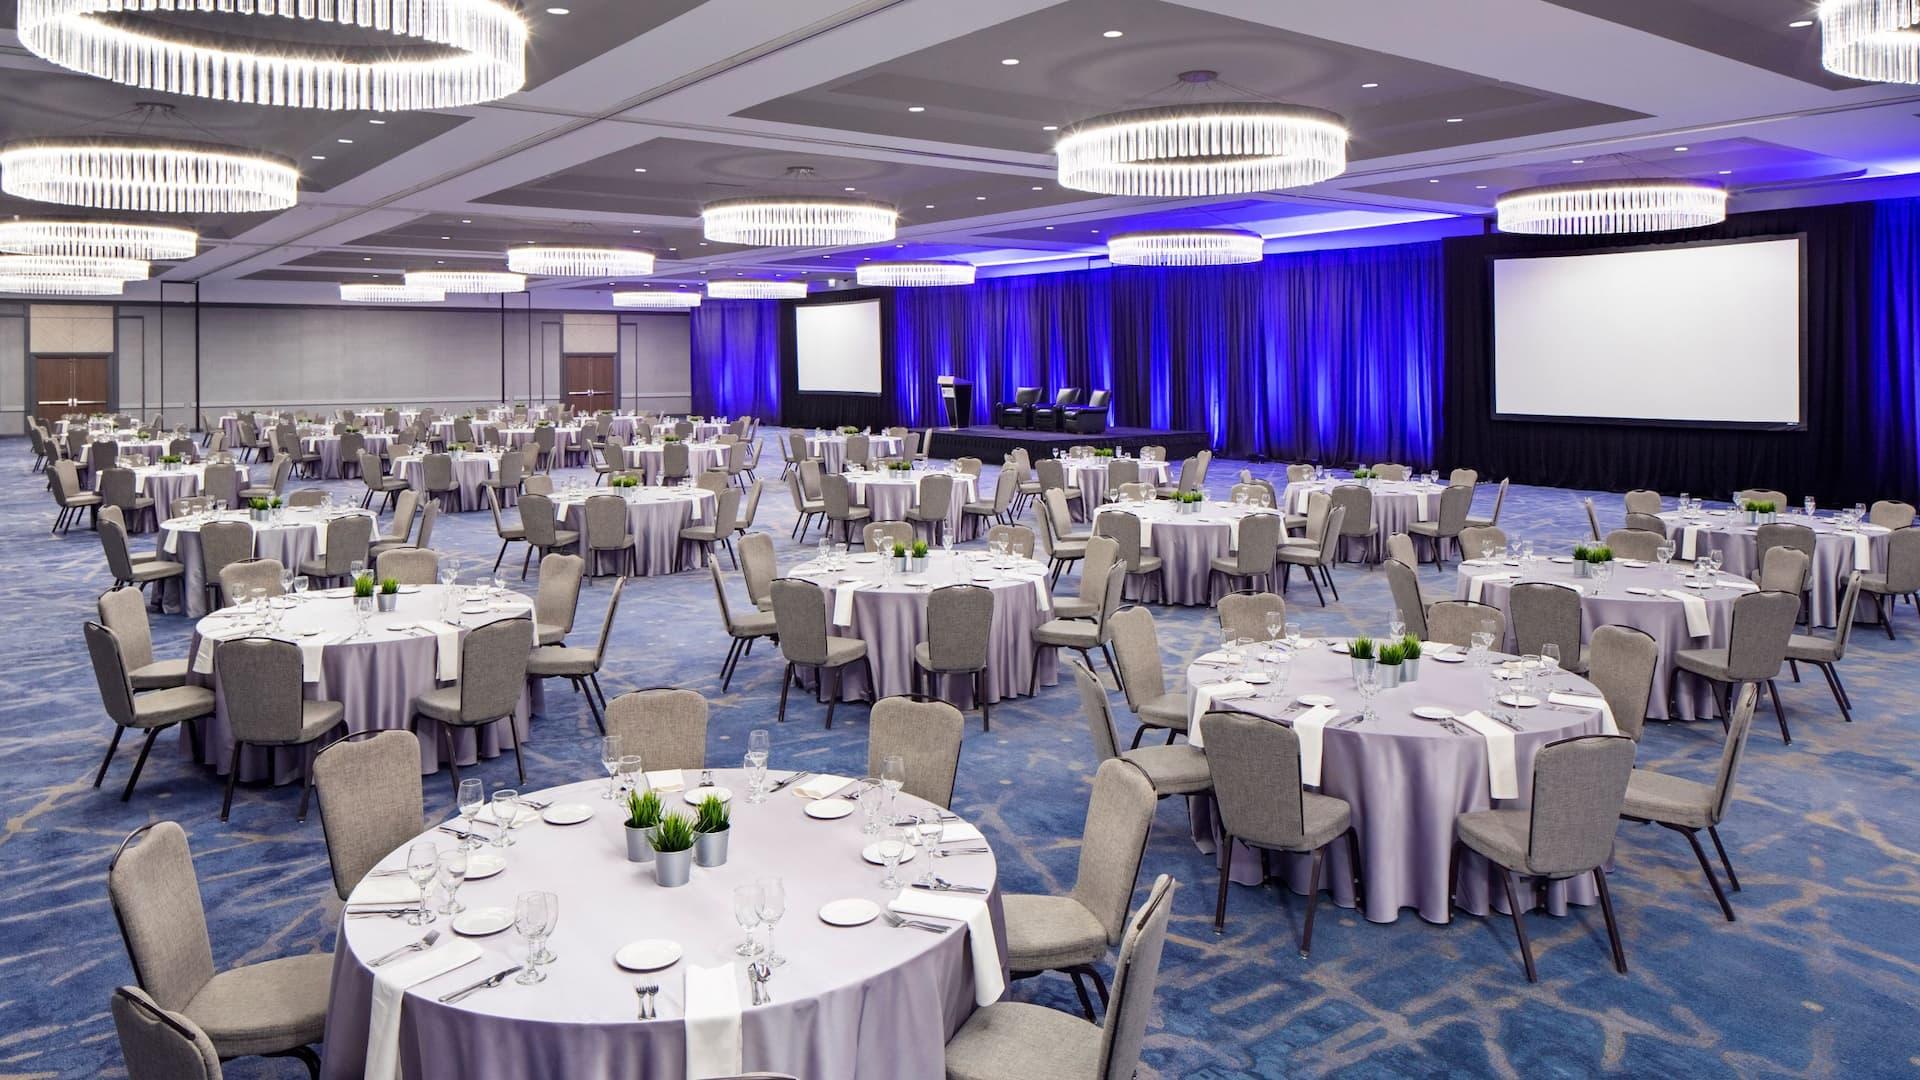 Nicollet Ballroom Meeting Space Hyatt Regency Minneapolis